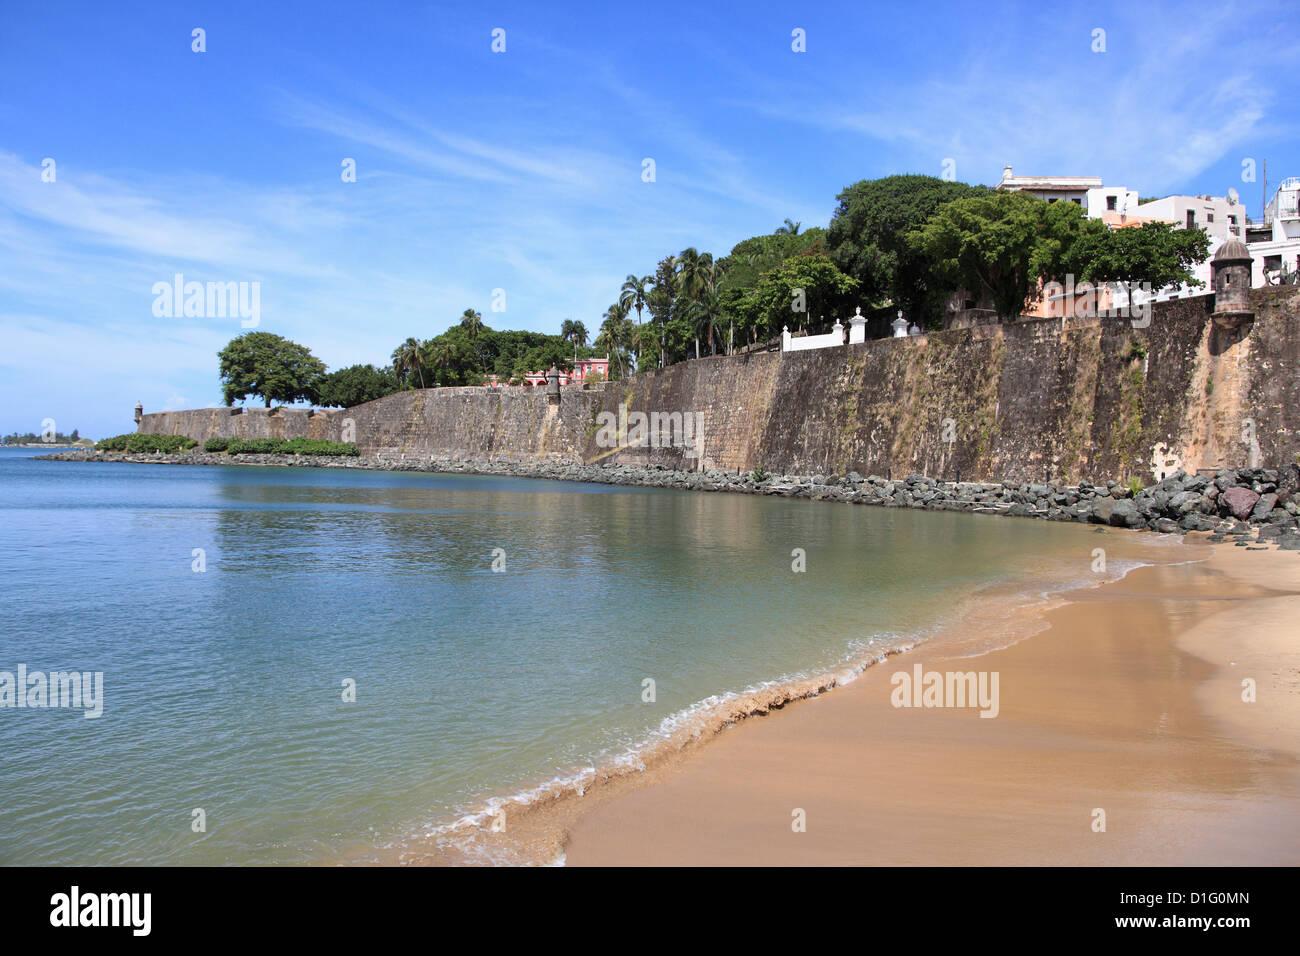 Muralla de la ciudad vieja, el Viejo San Juan, San Juan, Puerto Rico, Antillas, Caribe, Estados Unidos de América, Imagen De Stock